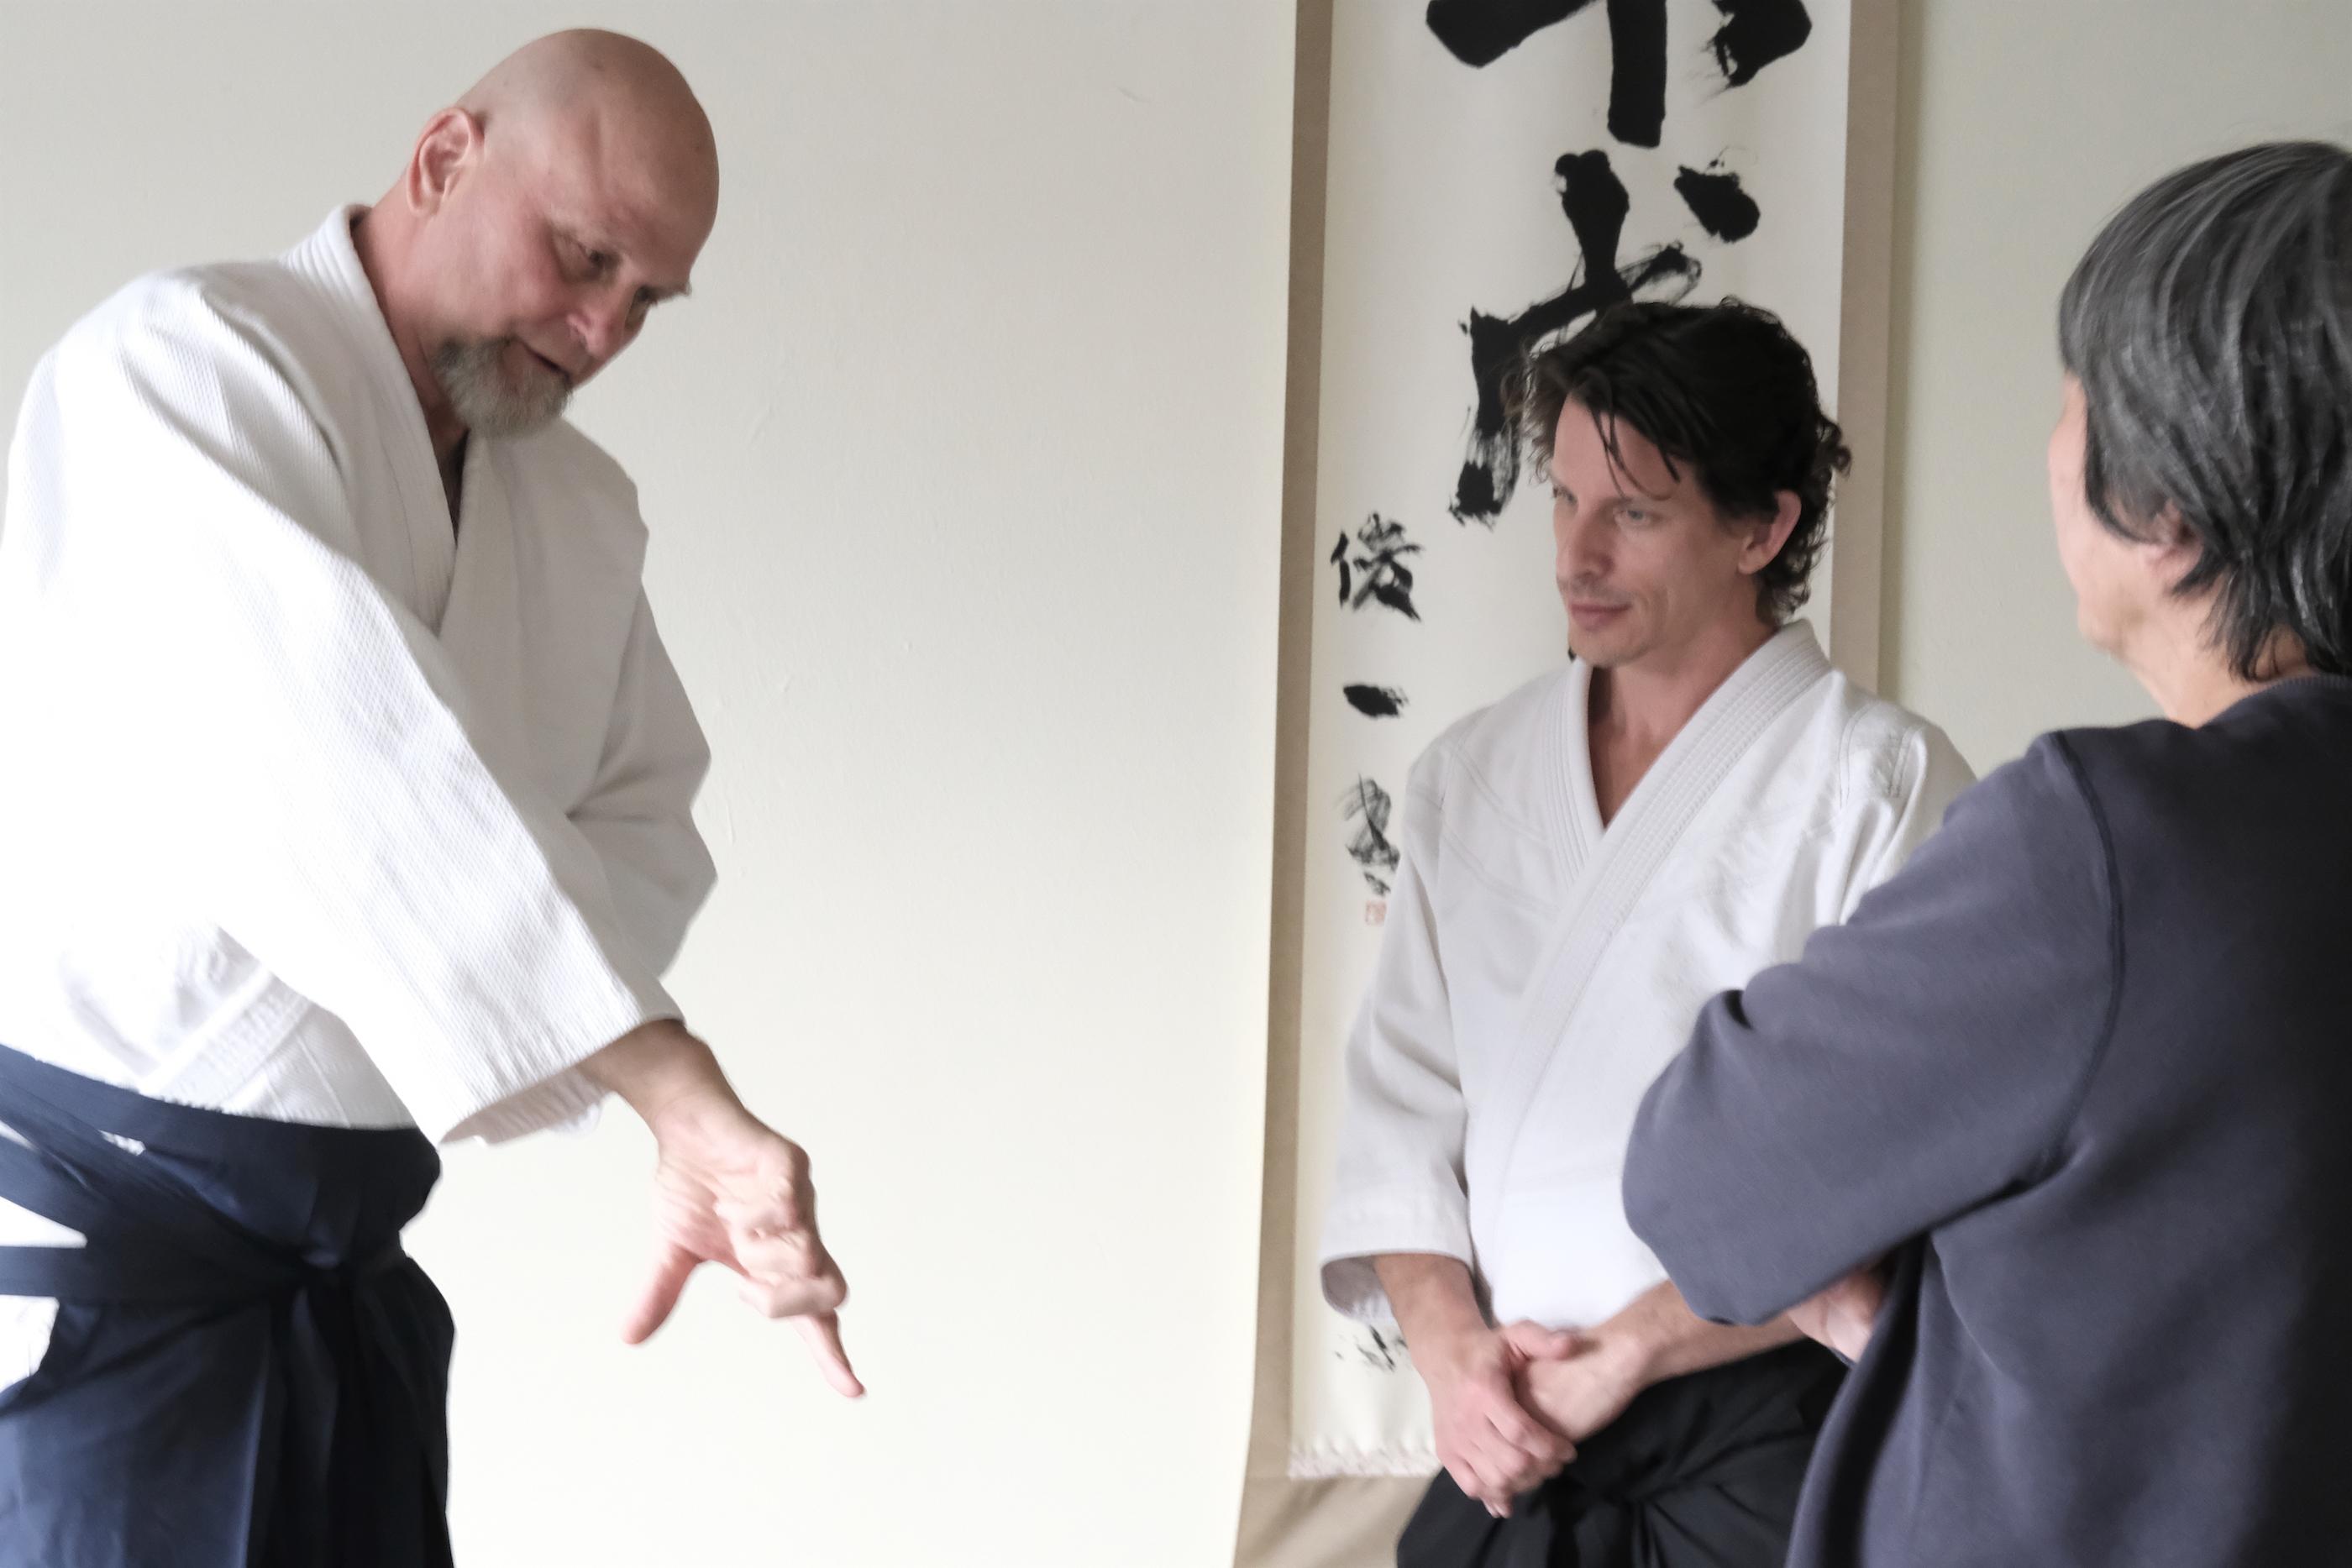 Study of martial arts benefits